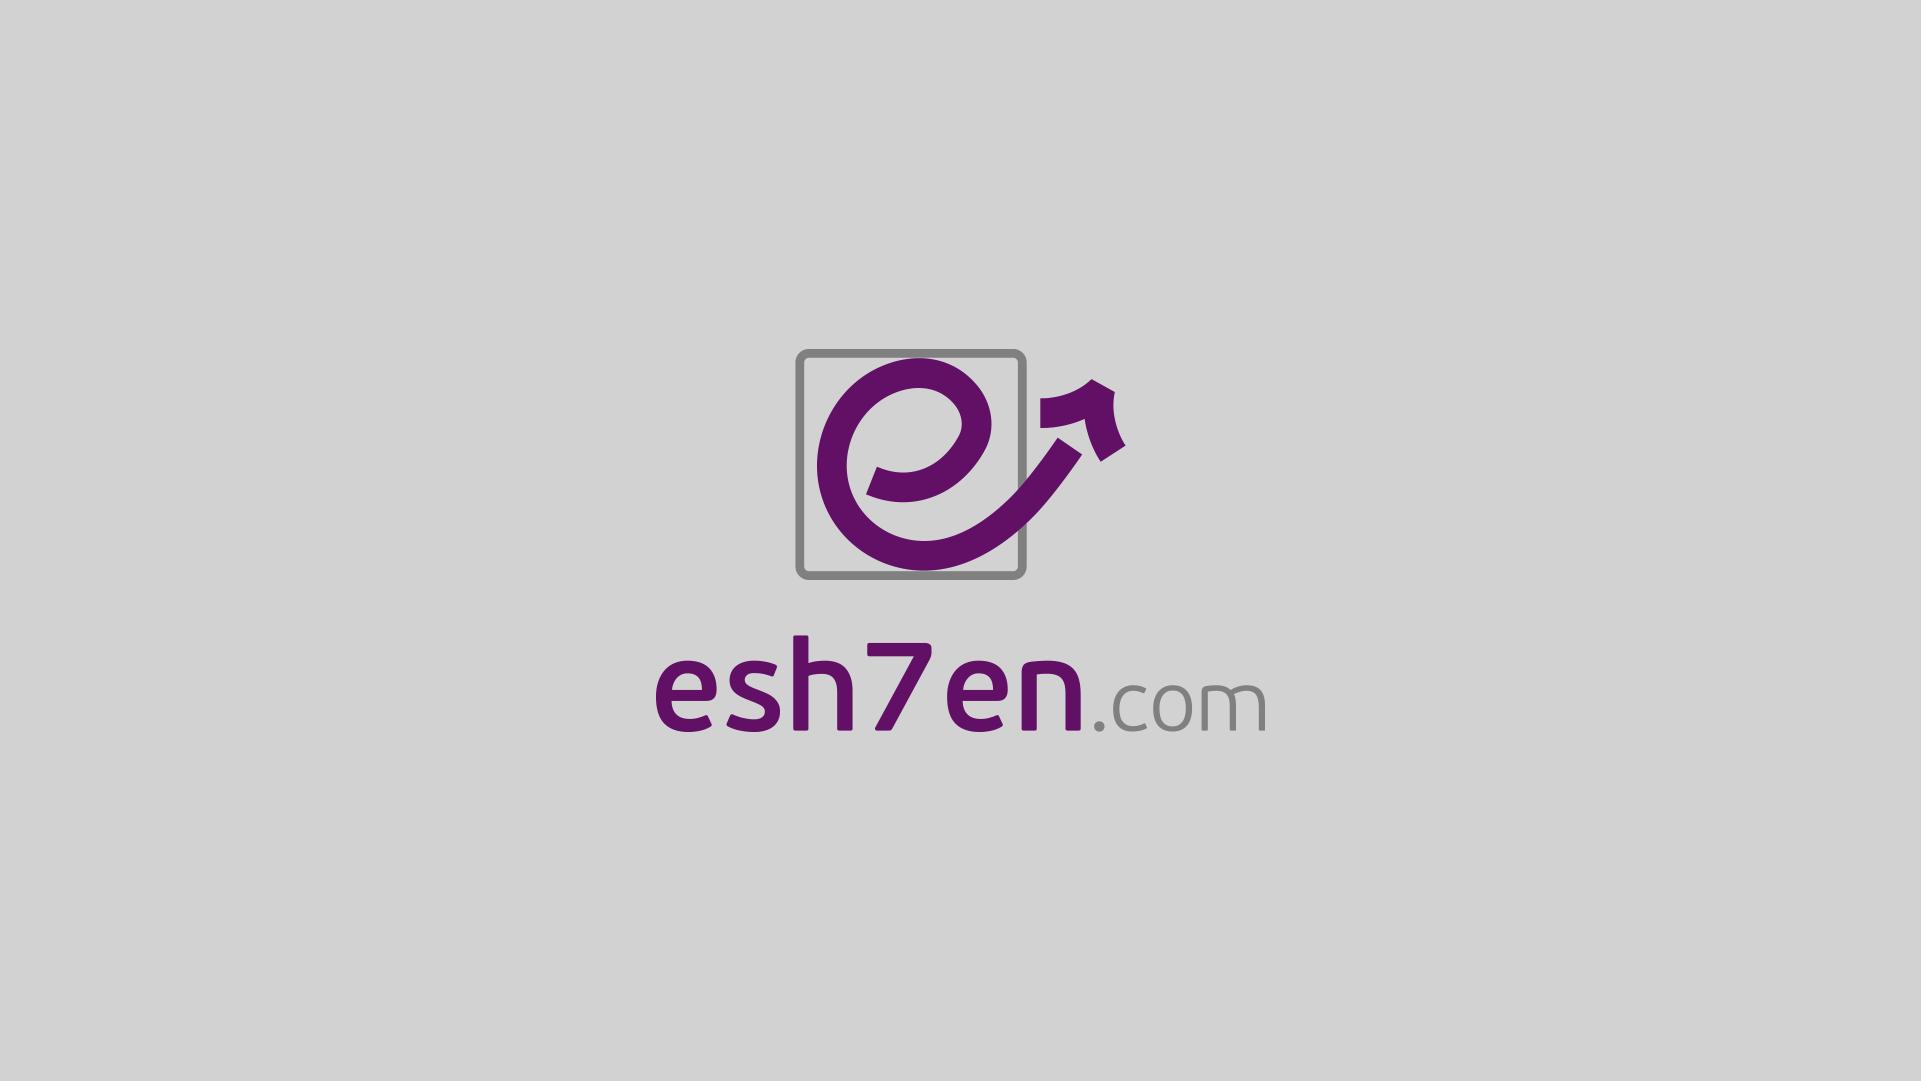 Esh7en.com